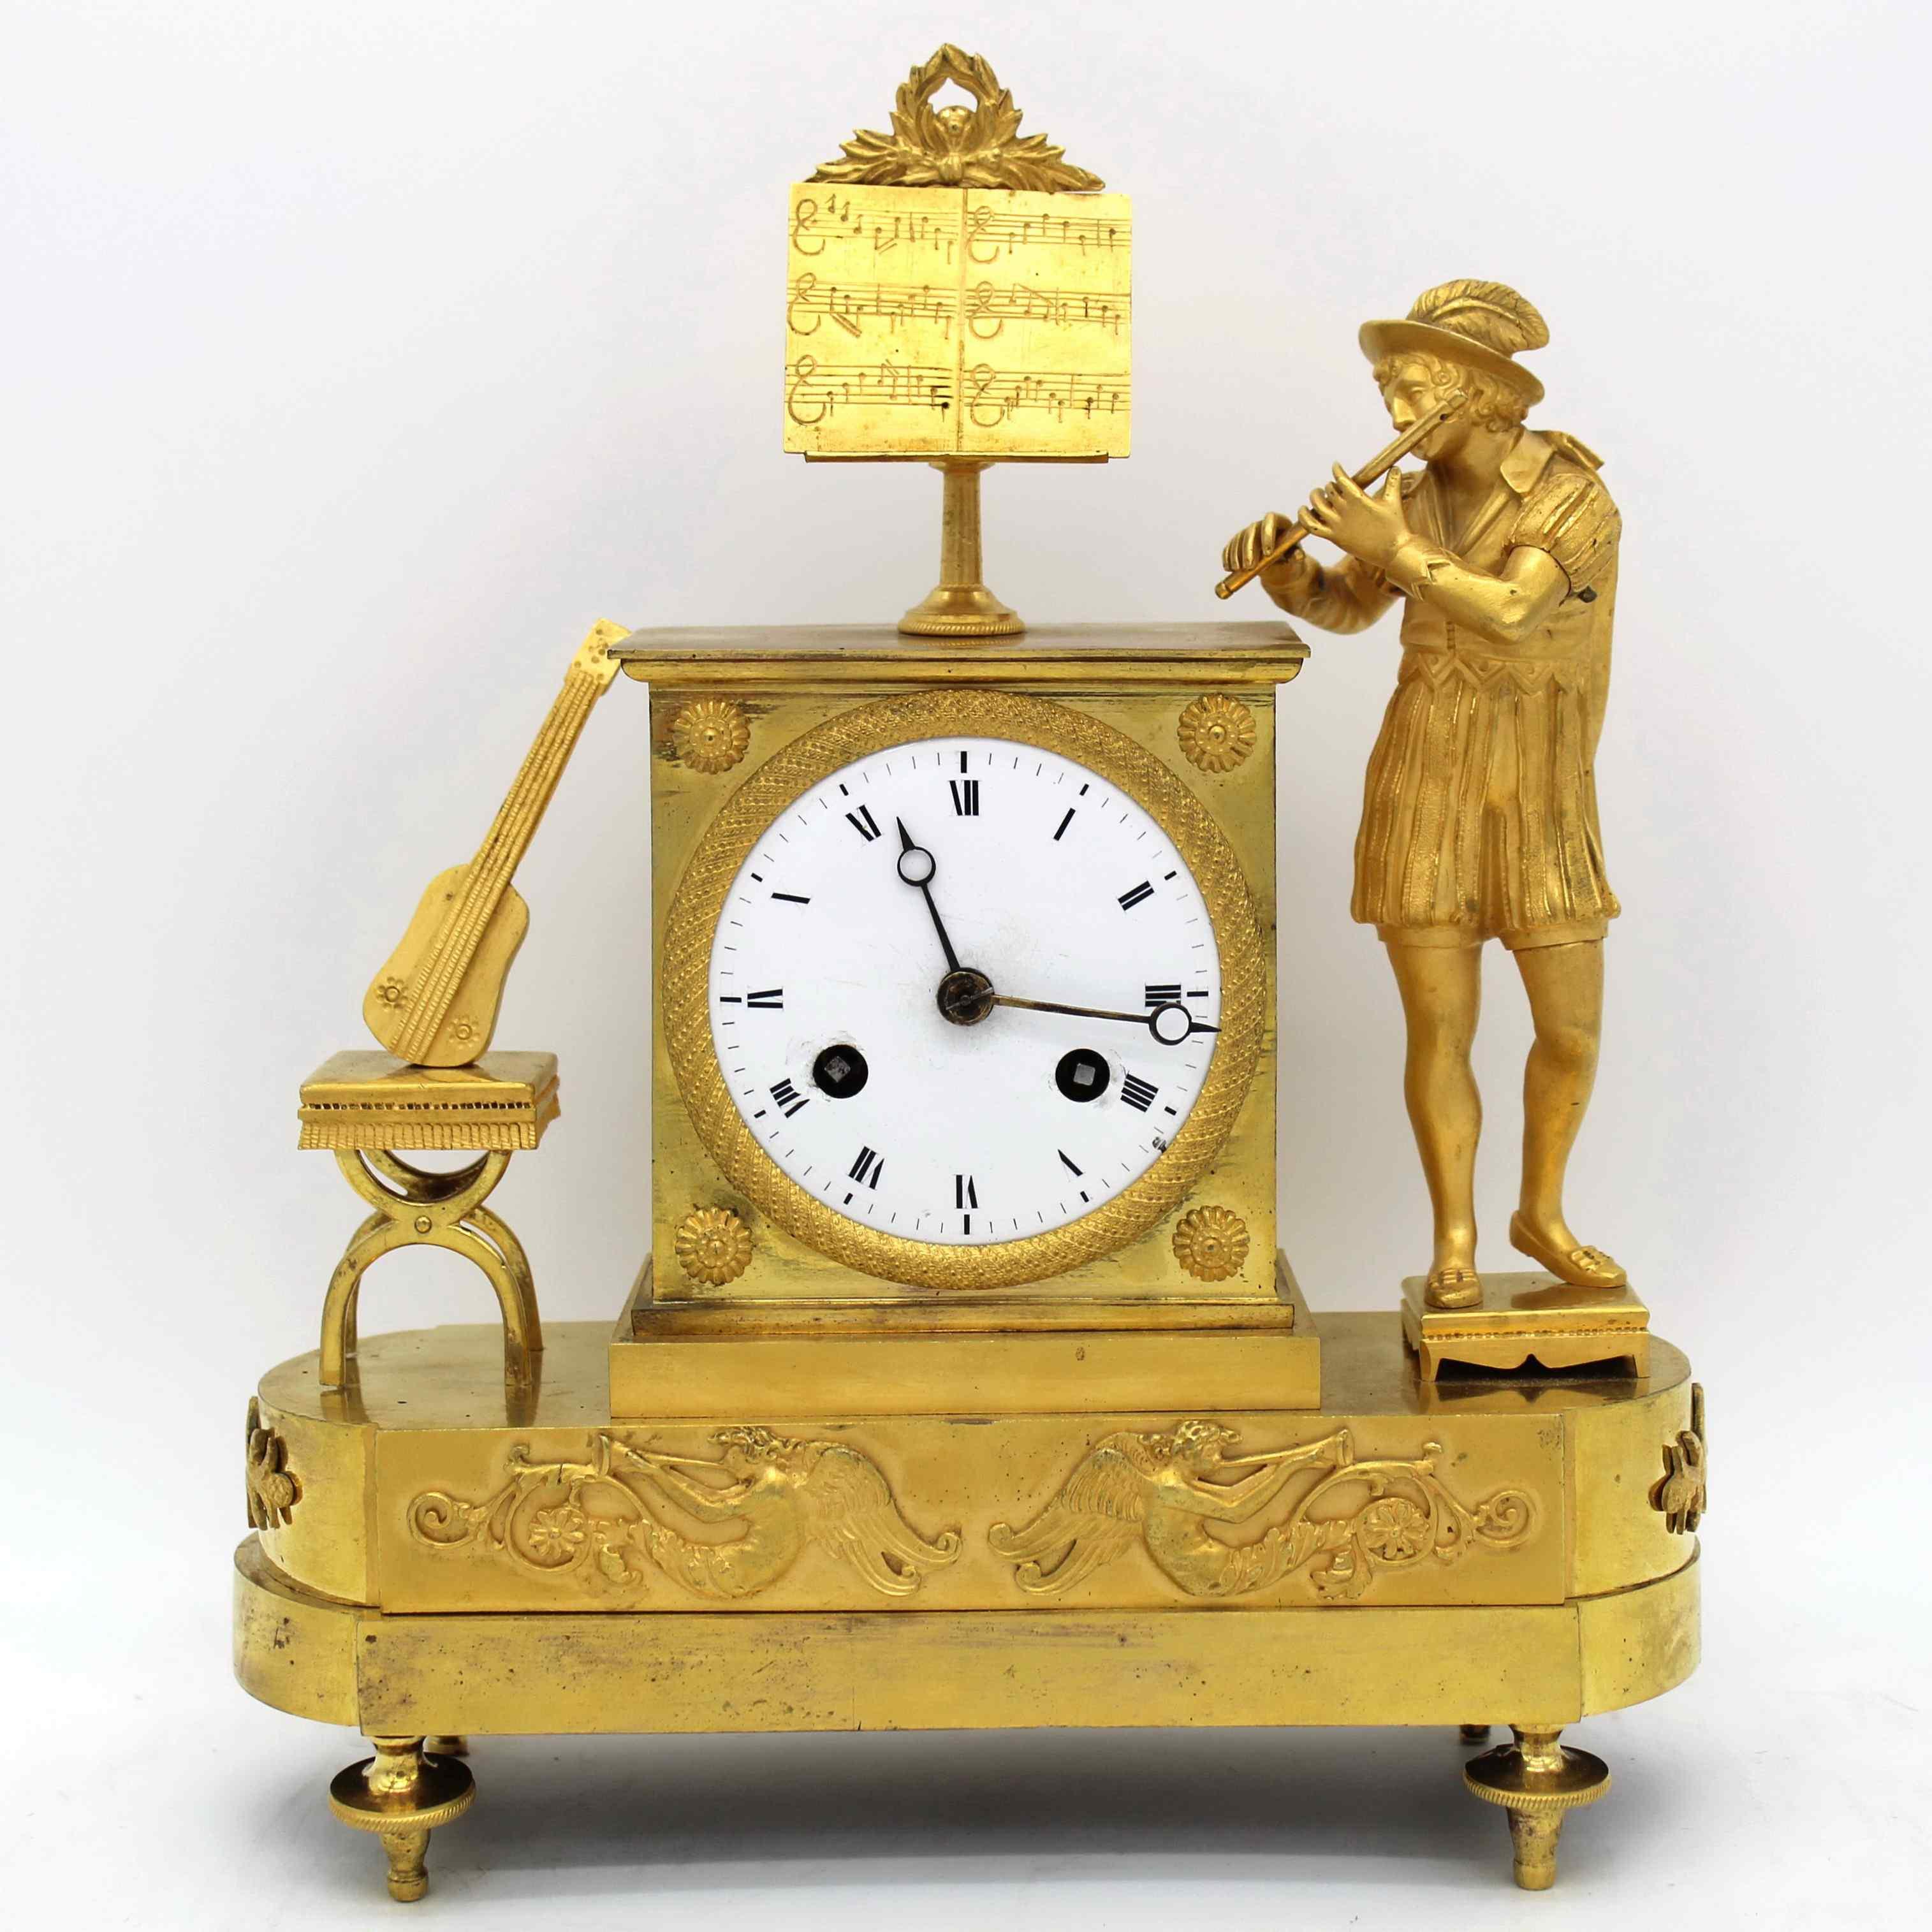 Ancien Horloge Pendule Empire en bronze - 19ème siècle